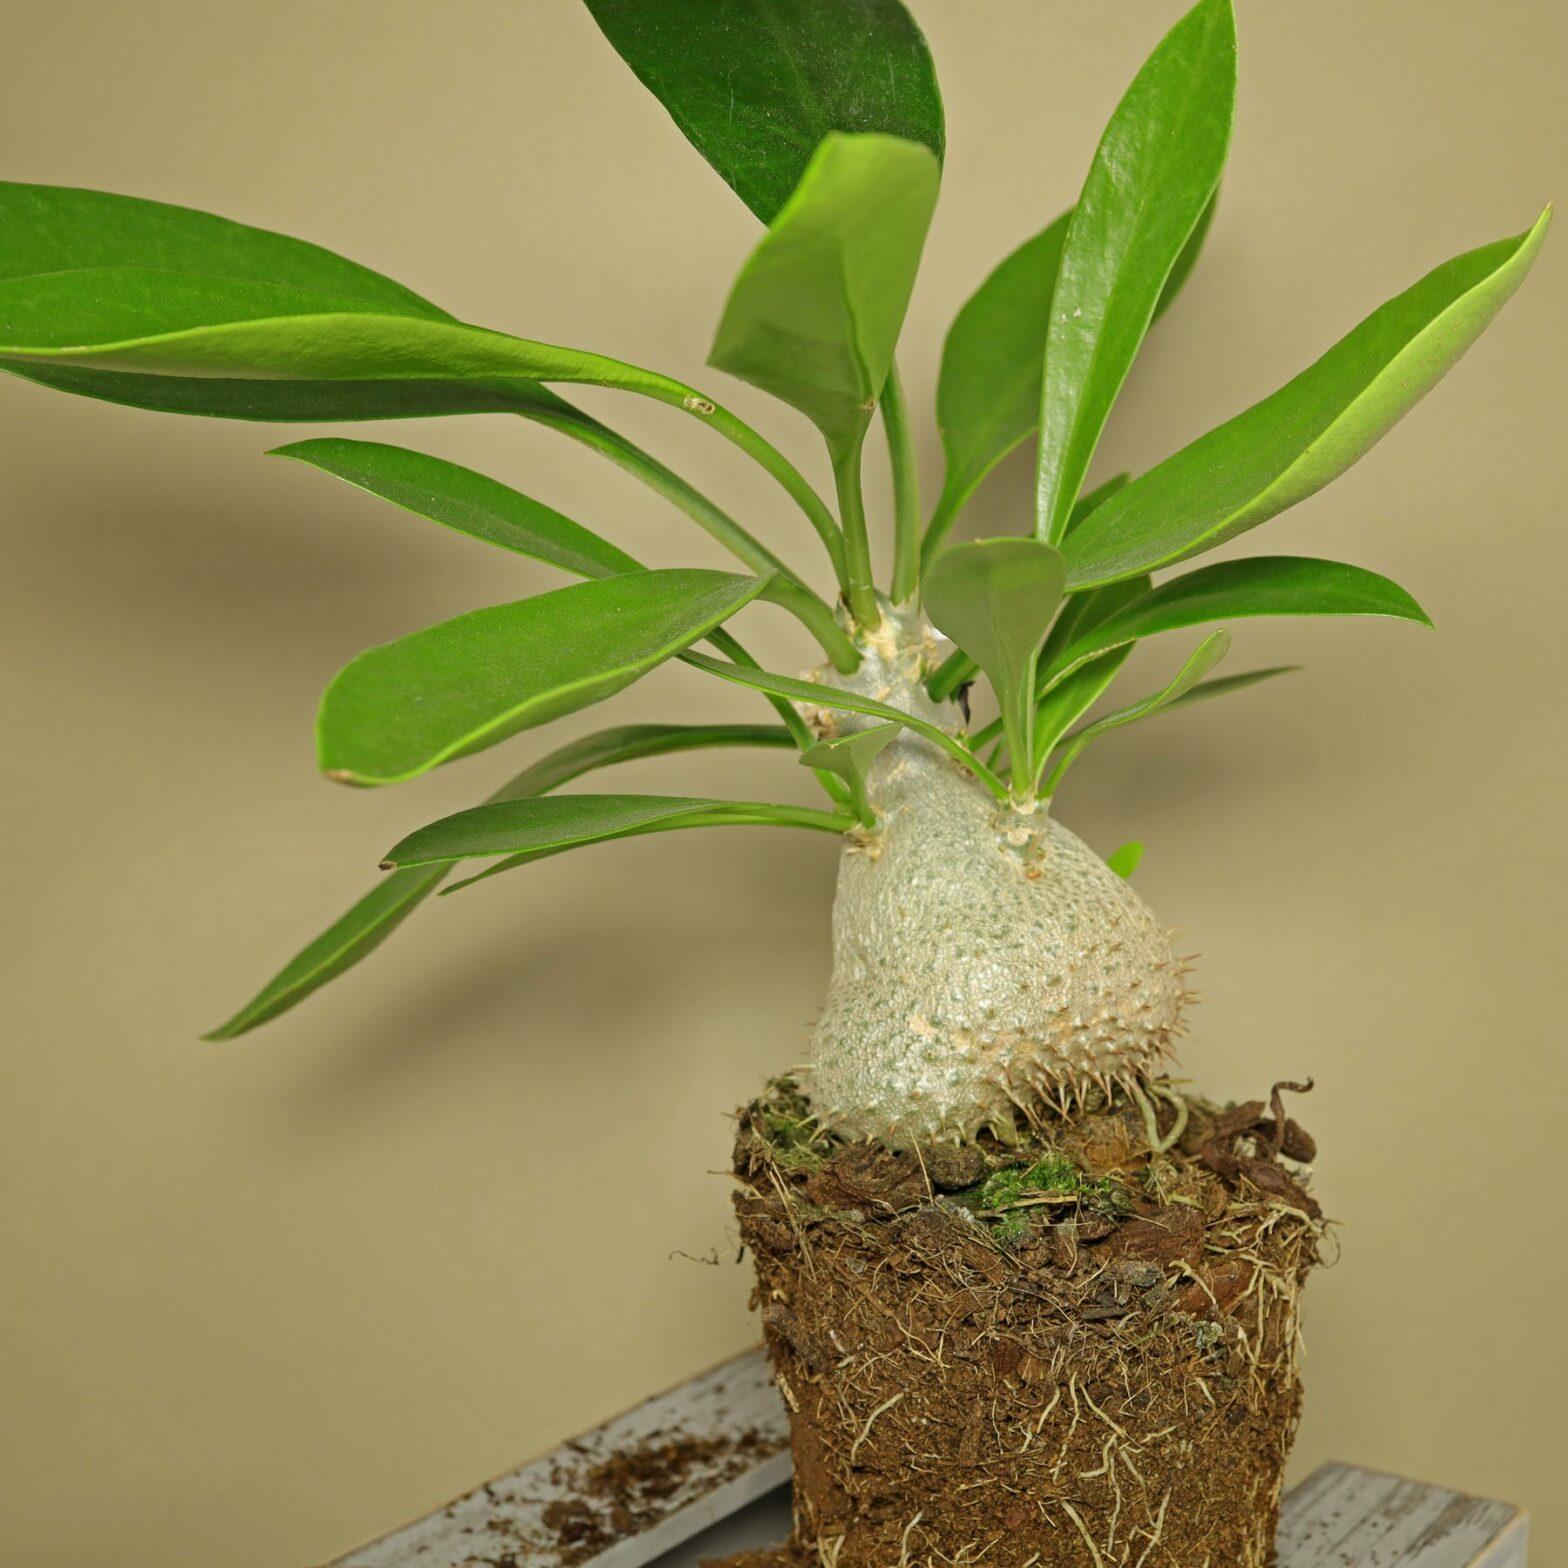 Ameisenpflanze v